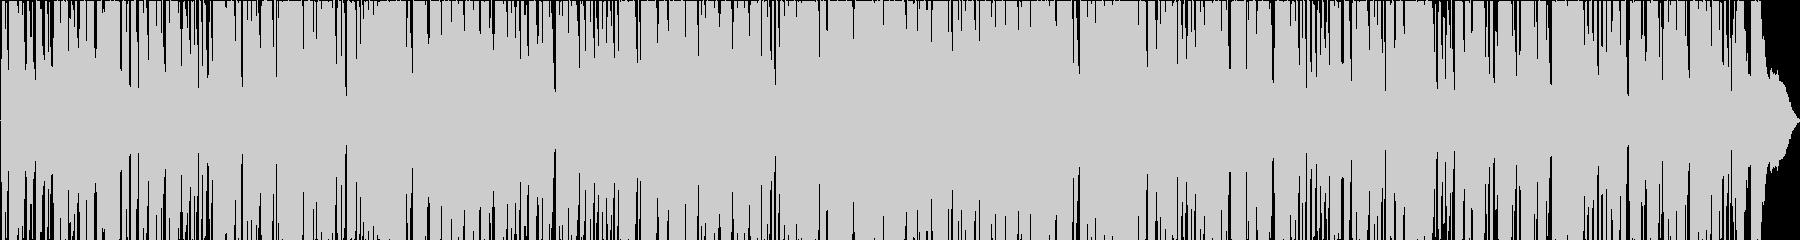 リラックスジャズの未再生の波形